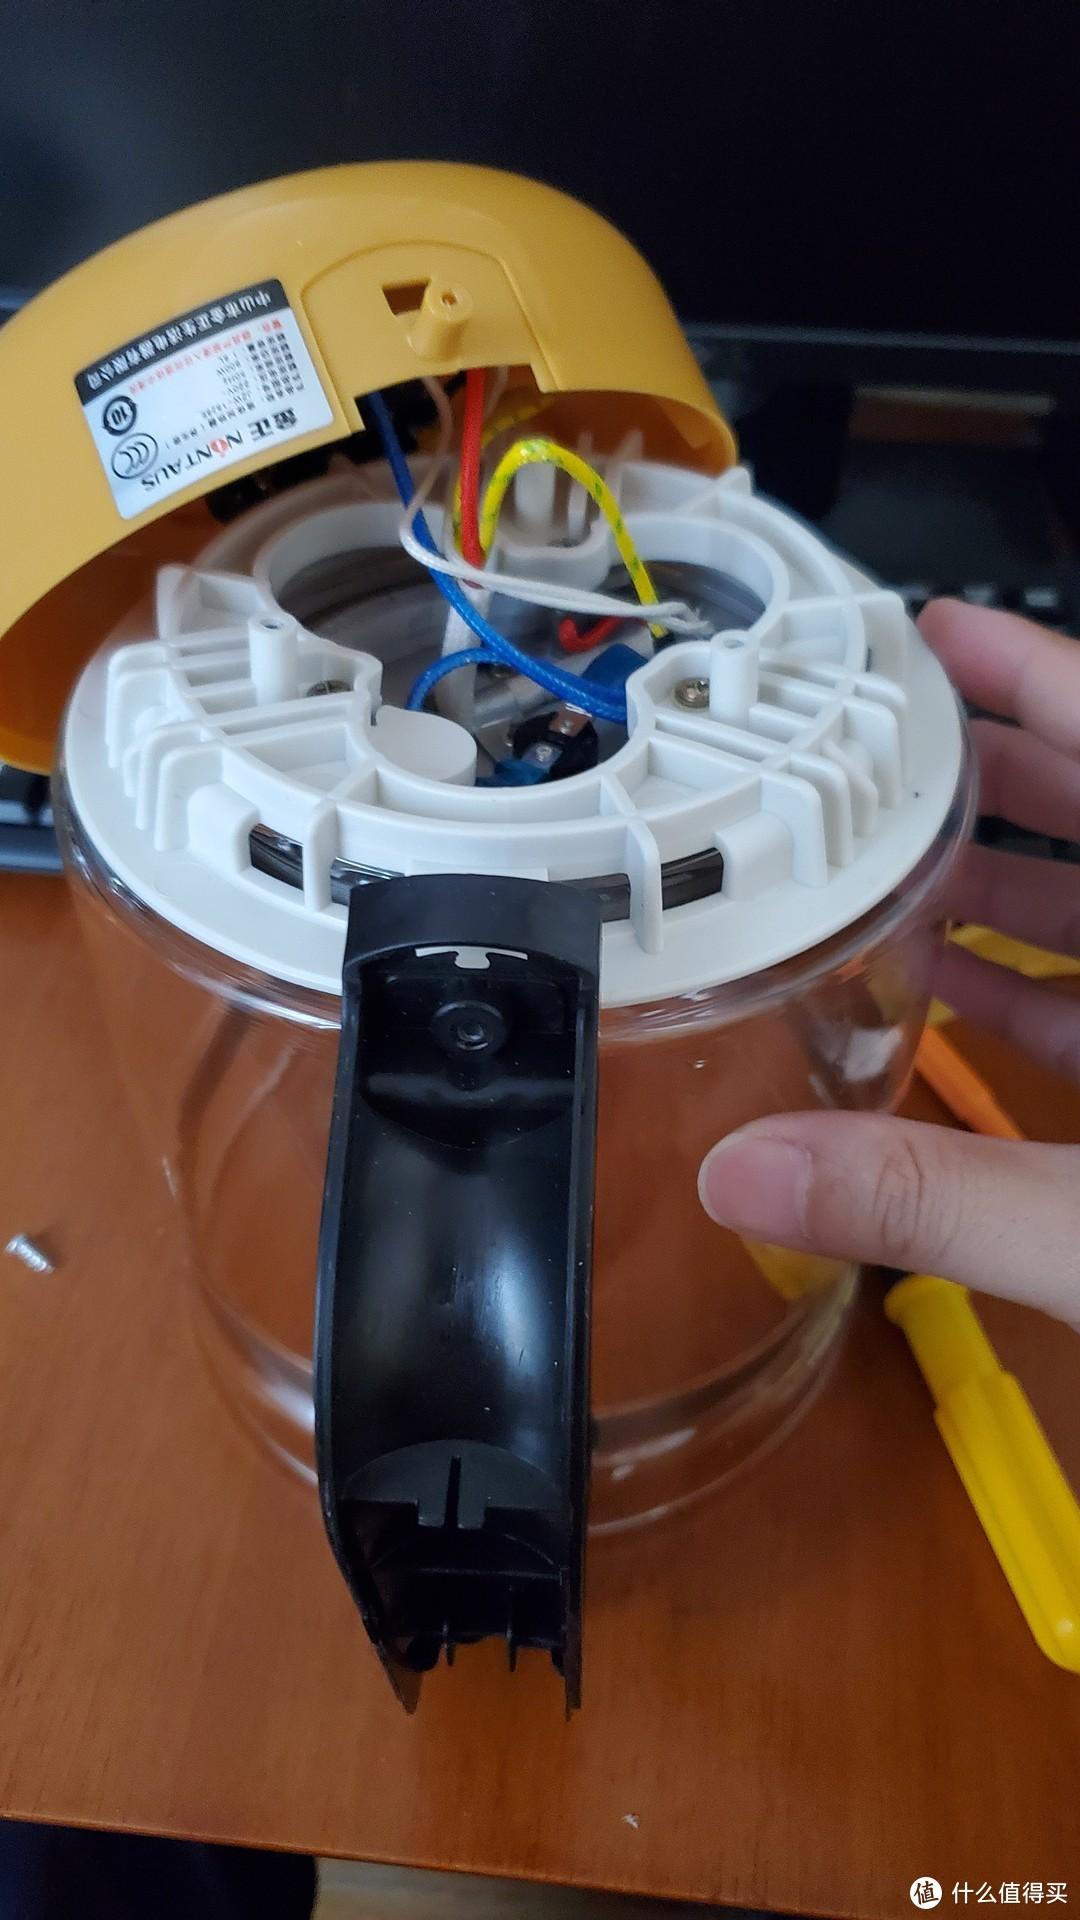 三颗固定加热盘的螺丝不要一下就拧紧,用手指感受一下白色的塑料固定座是否居中